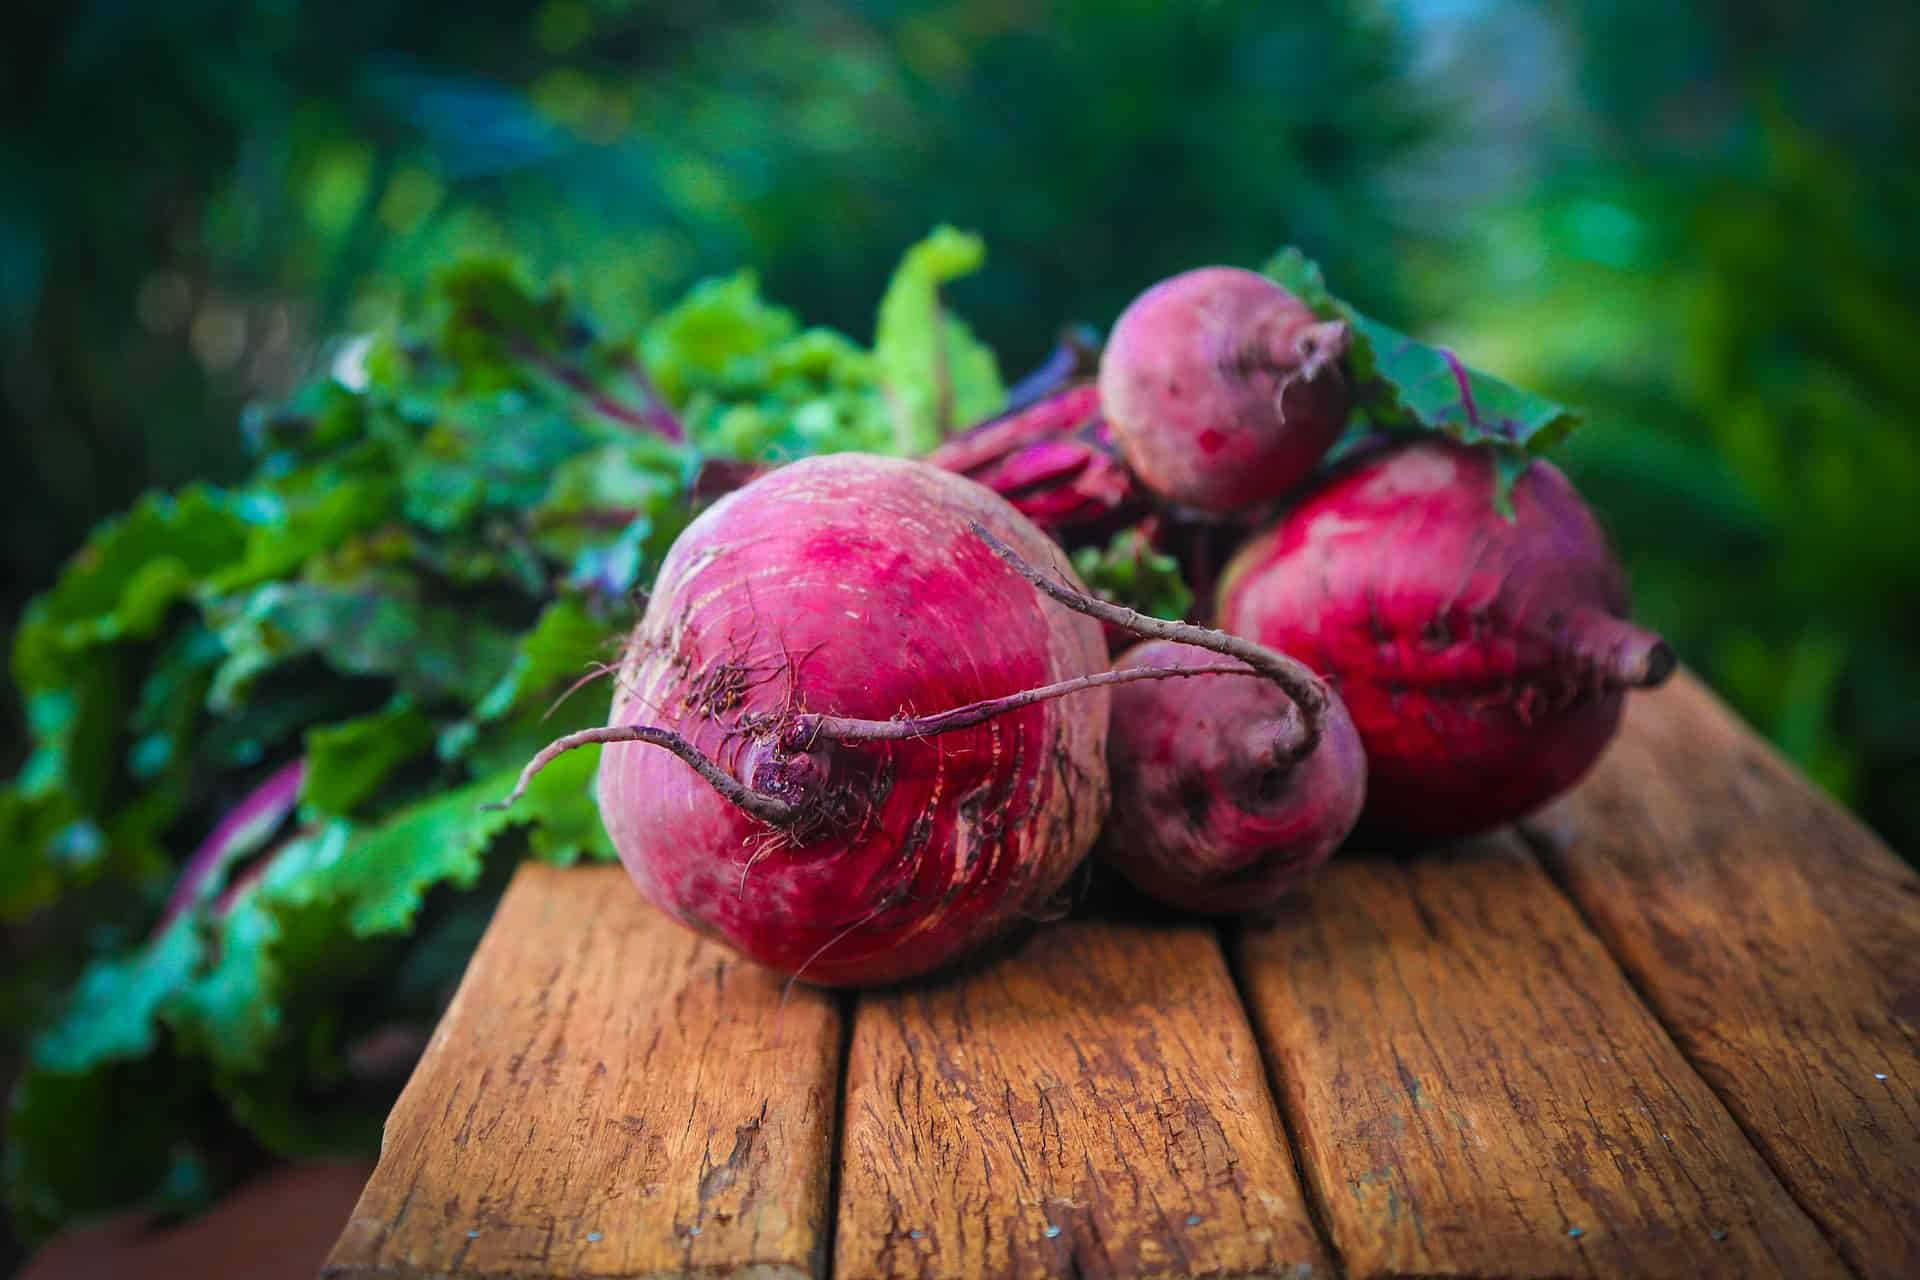 Rote Beete Pulver Test 2020: Die besten Rote Beete Pulver im Vergleich